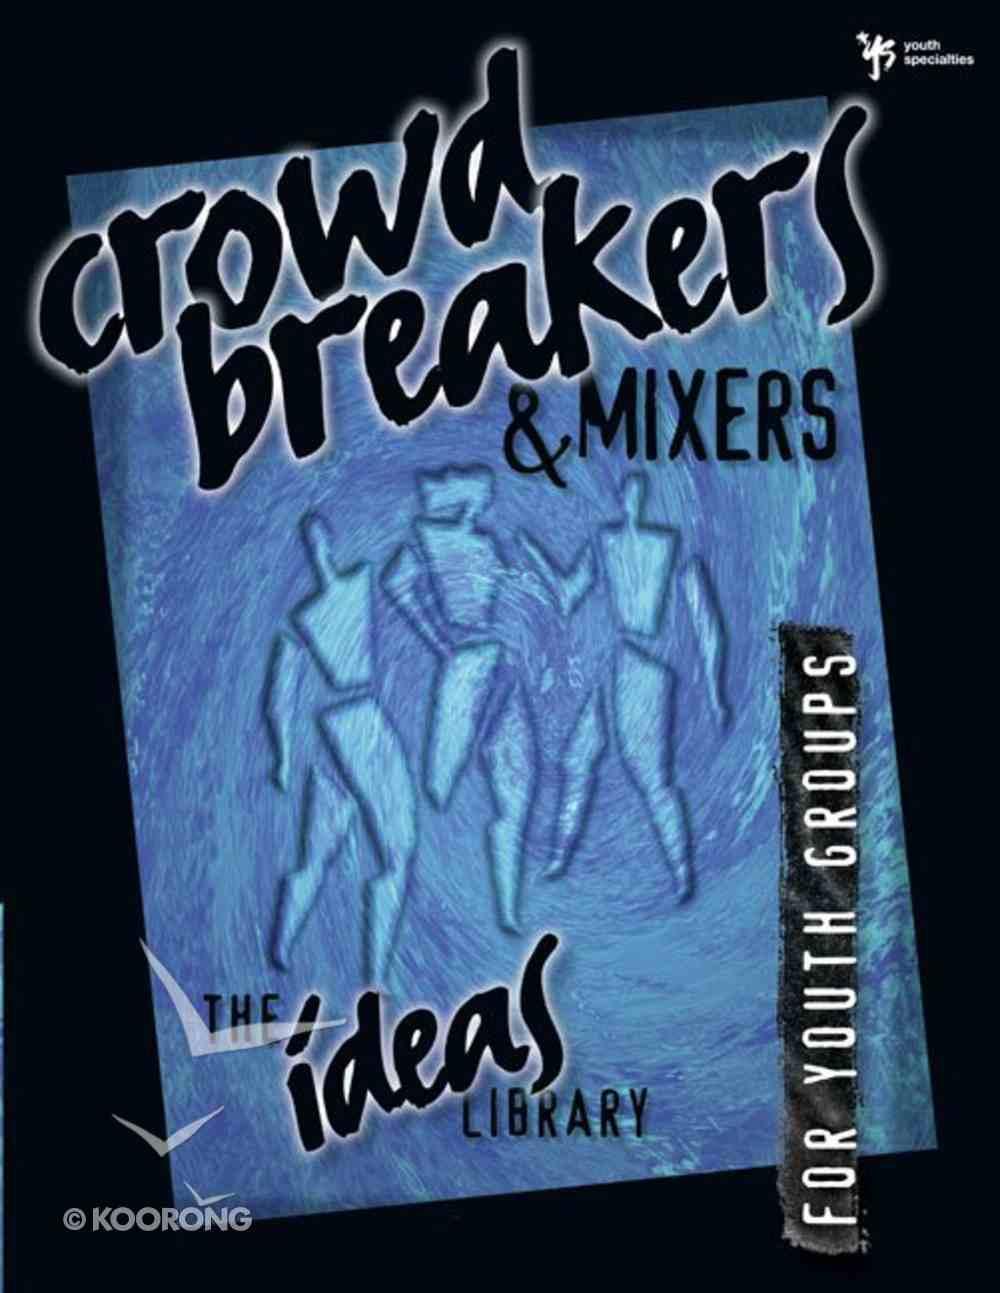 Ideas Library: Crowd Breakers & Mixers eBook